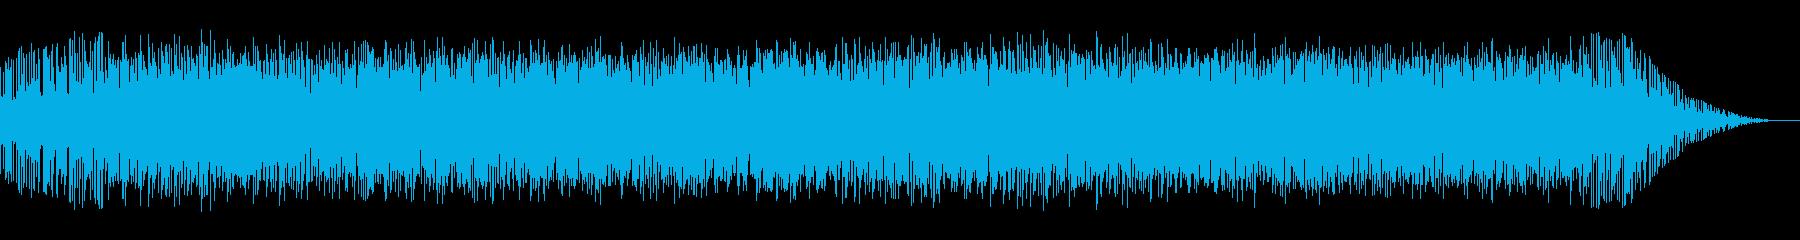 バルカン半島の熱狂的ジャズの様なBGMの再生済みの波形